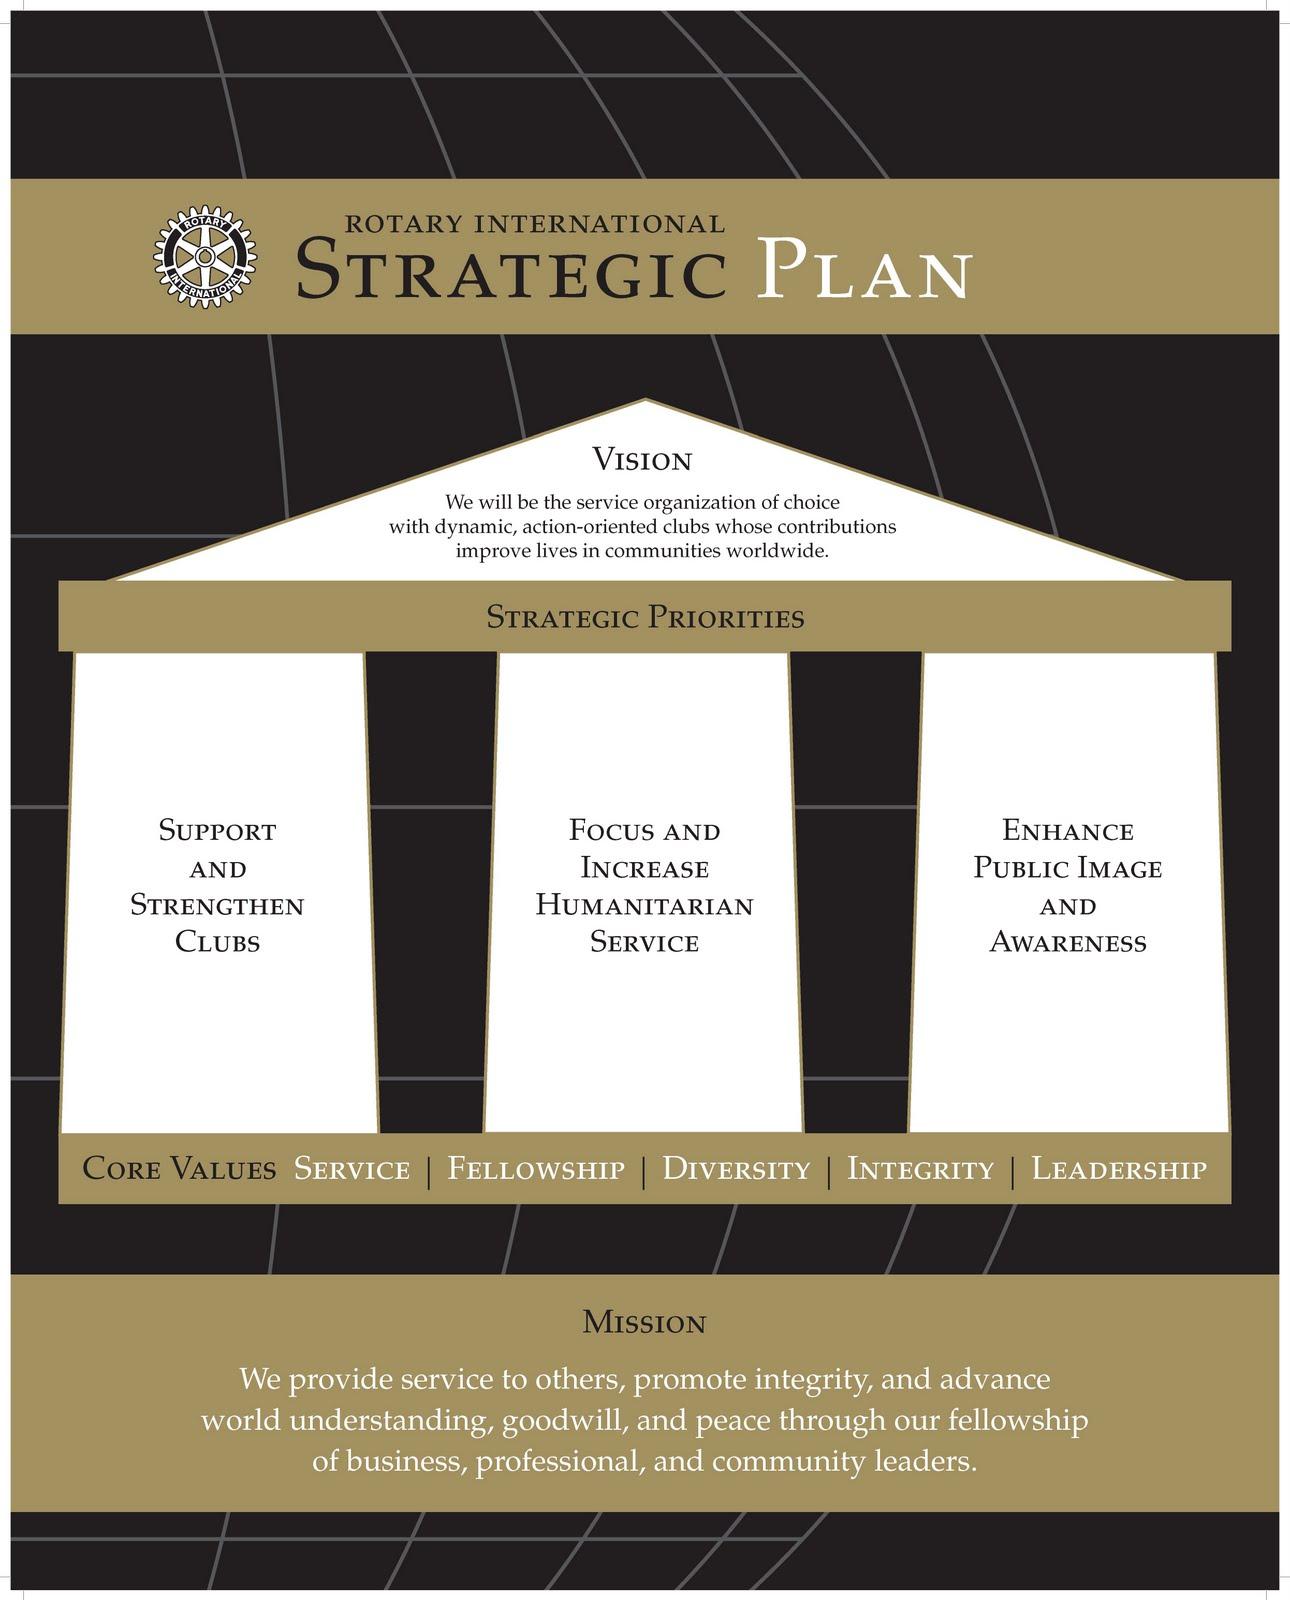 9 Club Strategic Plan Examples